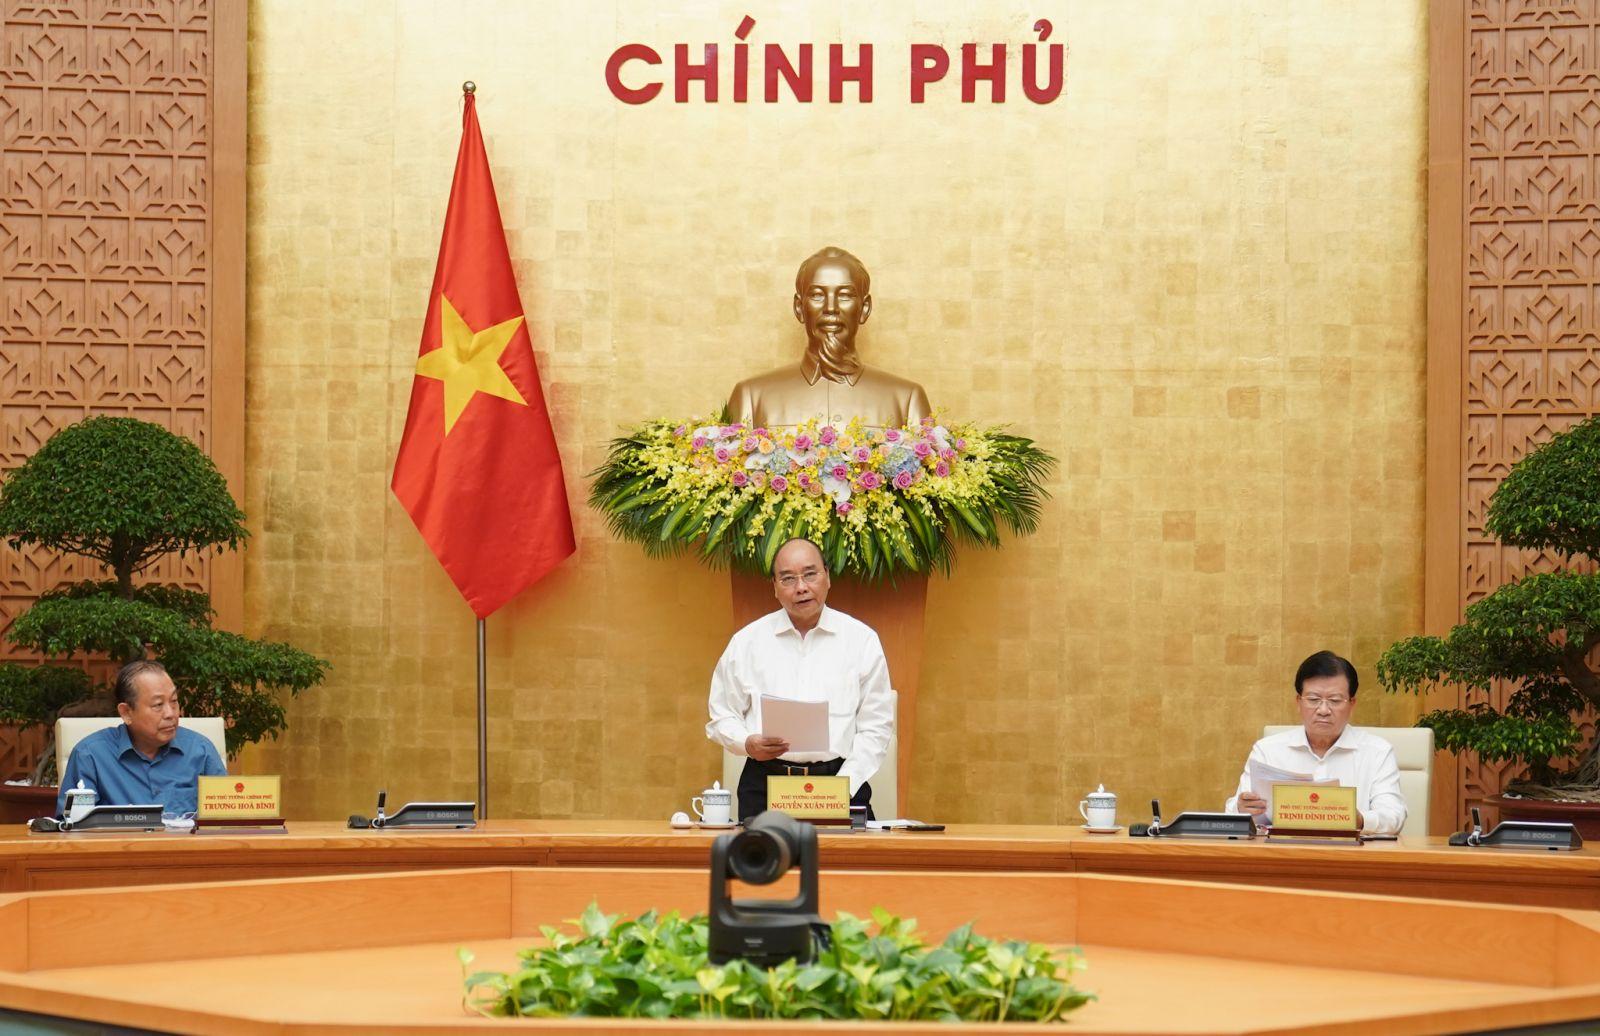 Thủ tướng Nguyễn Xuân Phúc chủ trì phiên họp Chính phủ chuyên đề xây dựng pháp luật tháng 7-2020. Ảnh: VGP/Quang Hiếu